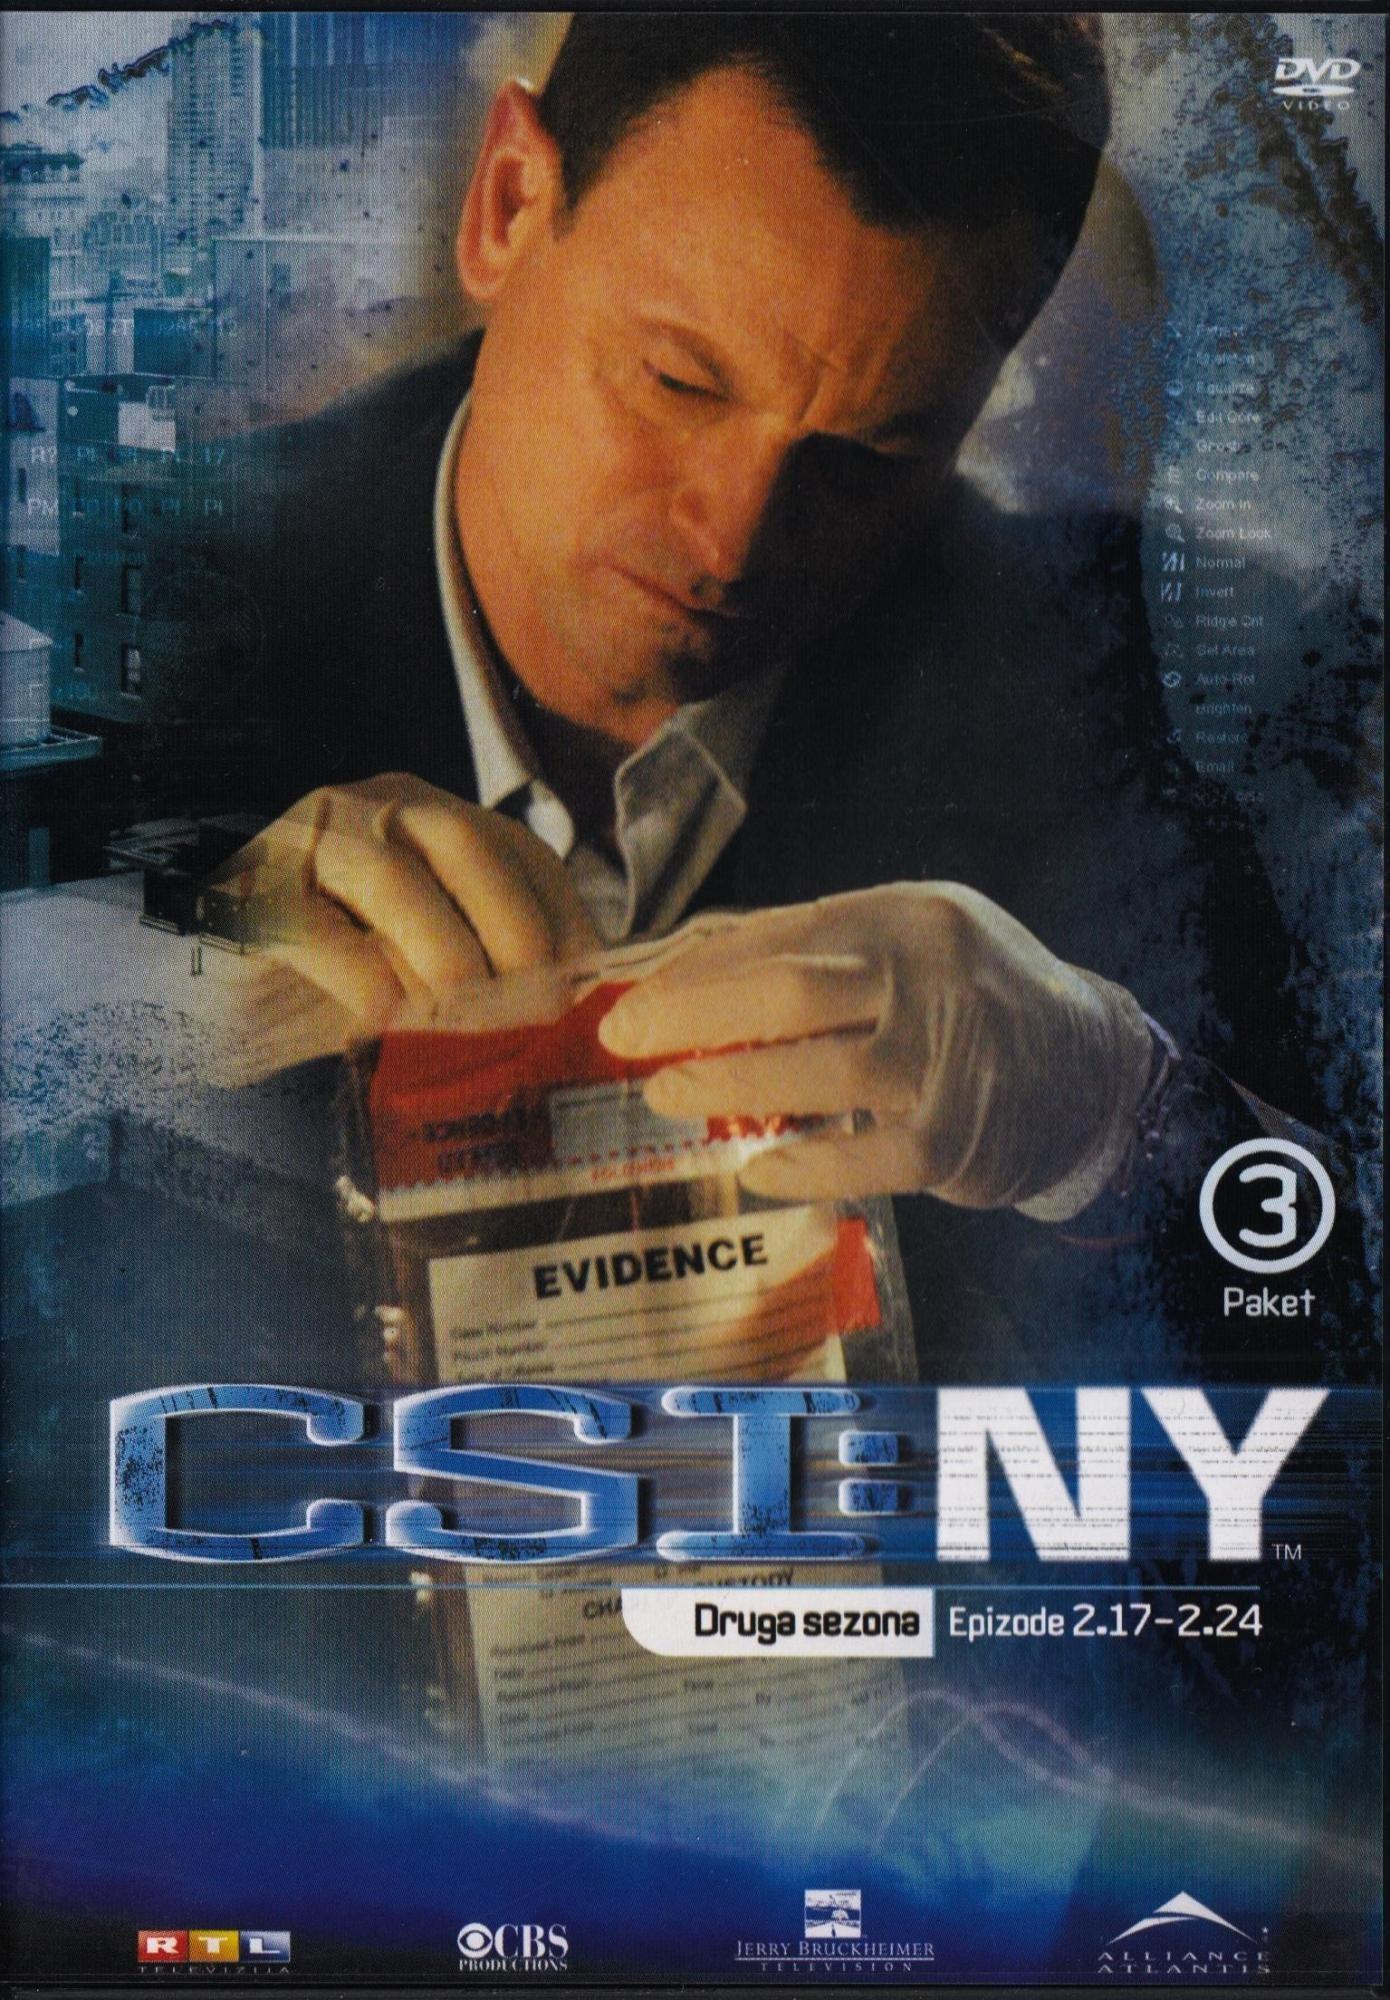 Csi New York - Druga Sezona - Epizode 17-24 - Gary Sinise